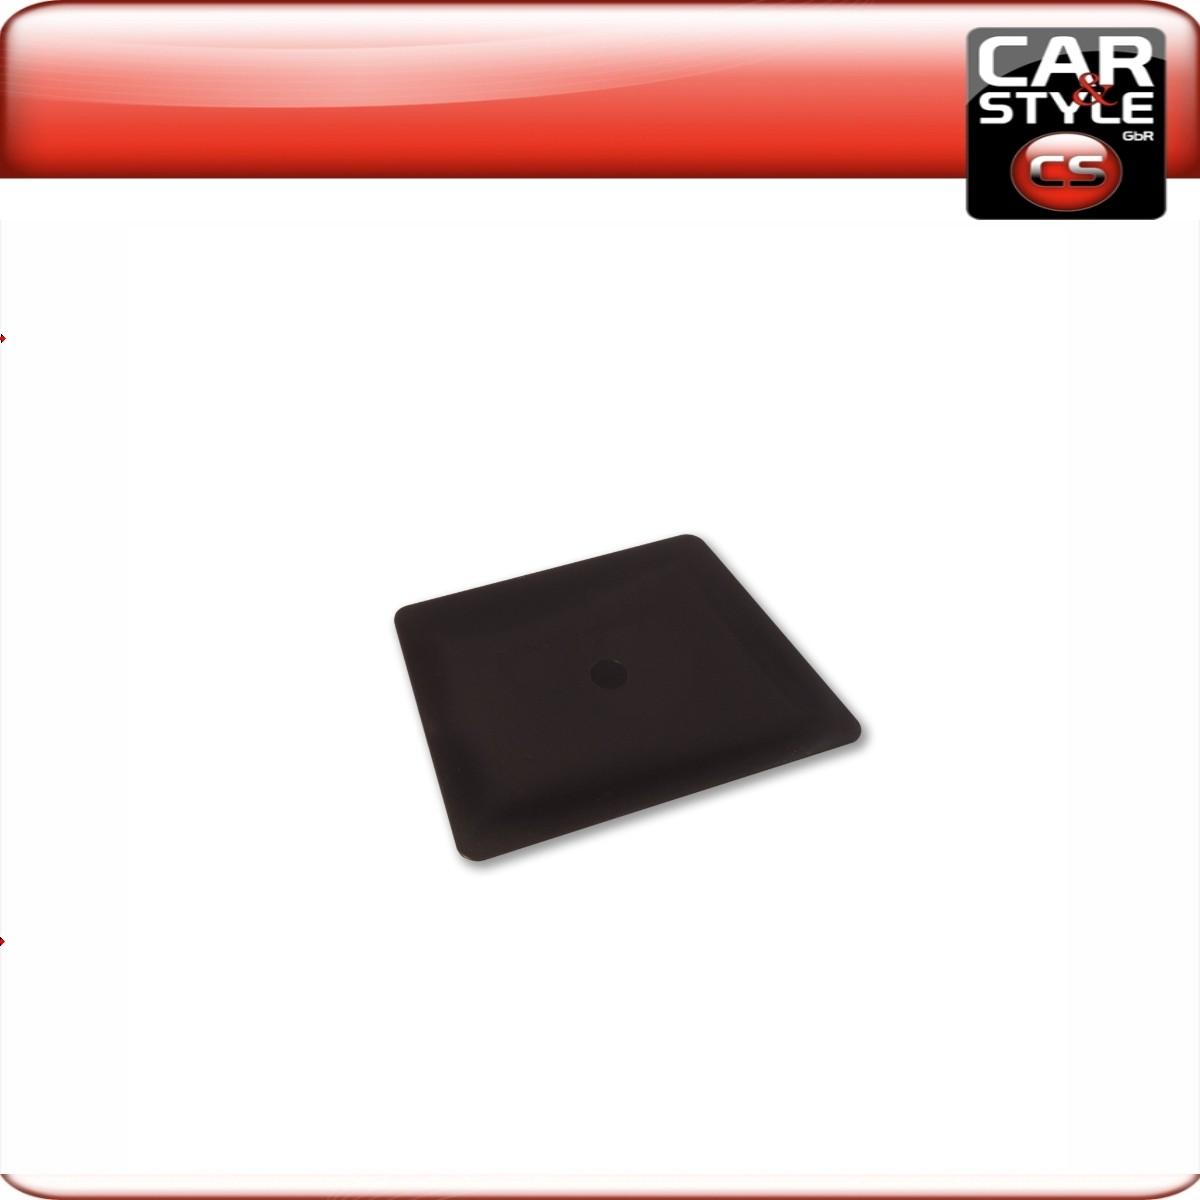 schwarz HP 85 Lichtdurchl/ässigkeit 15/% W/ärmer/ückweisung 55/% 3 D Heckscheibenfolie 3D vorgew/ölbt 50295 Passgenaue T/önungsfolien